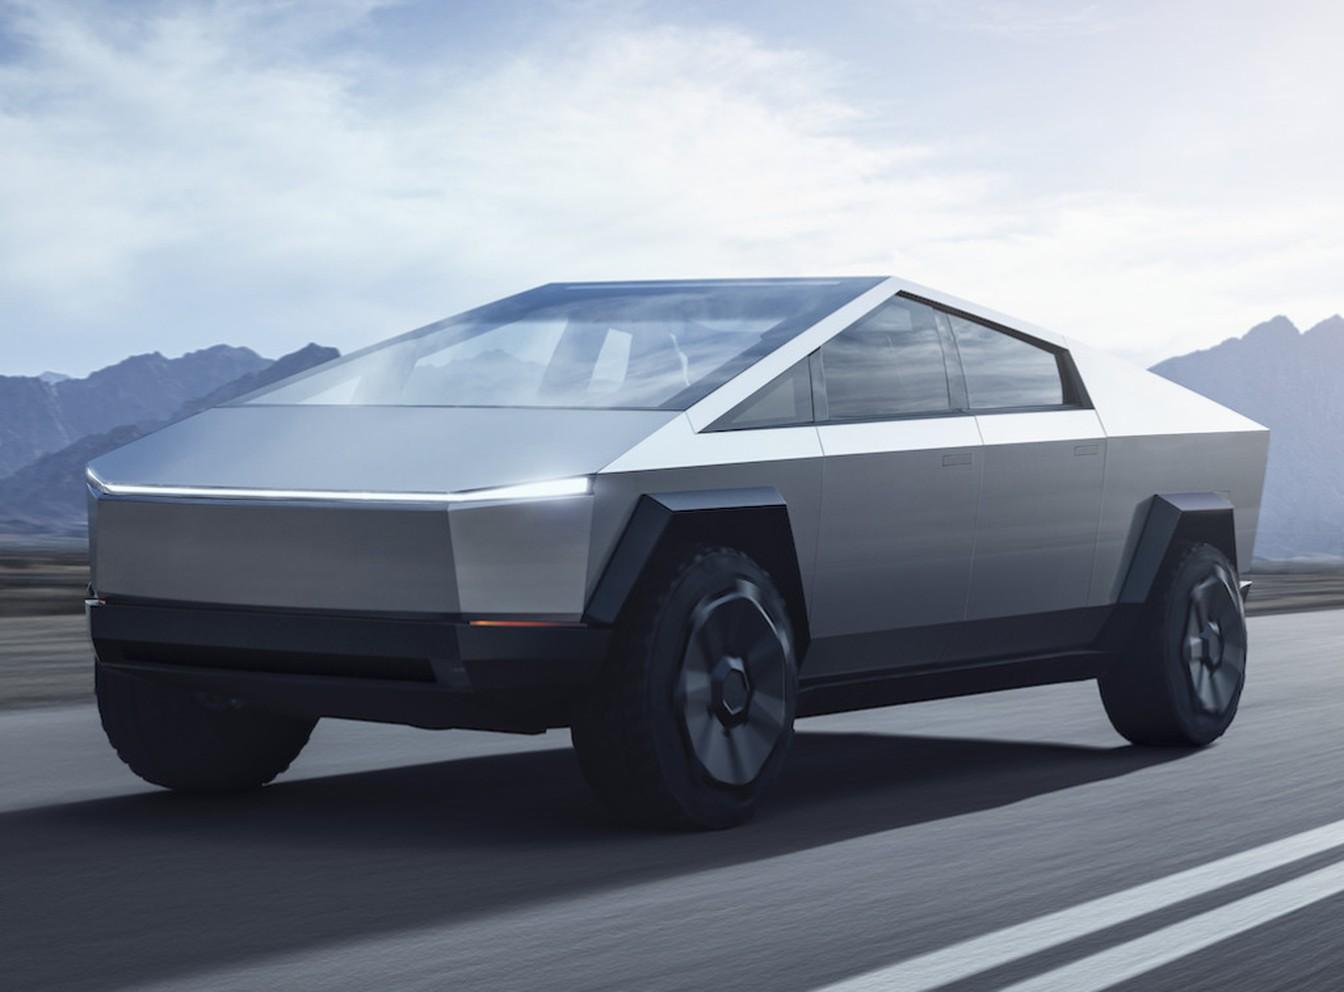 Tesla Cybertruck promete robustez de caminhão e desempenho de esportivo